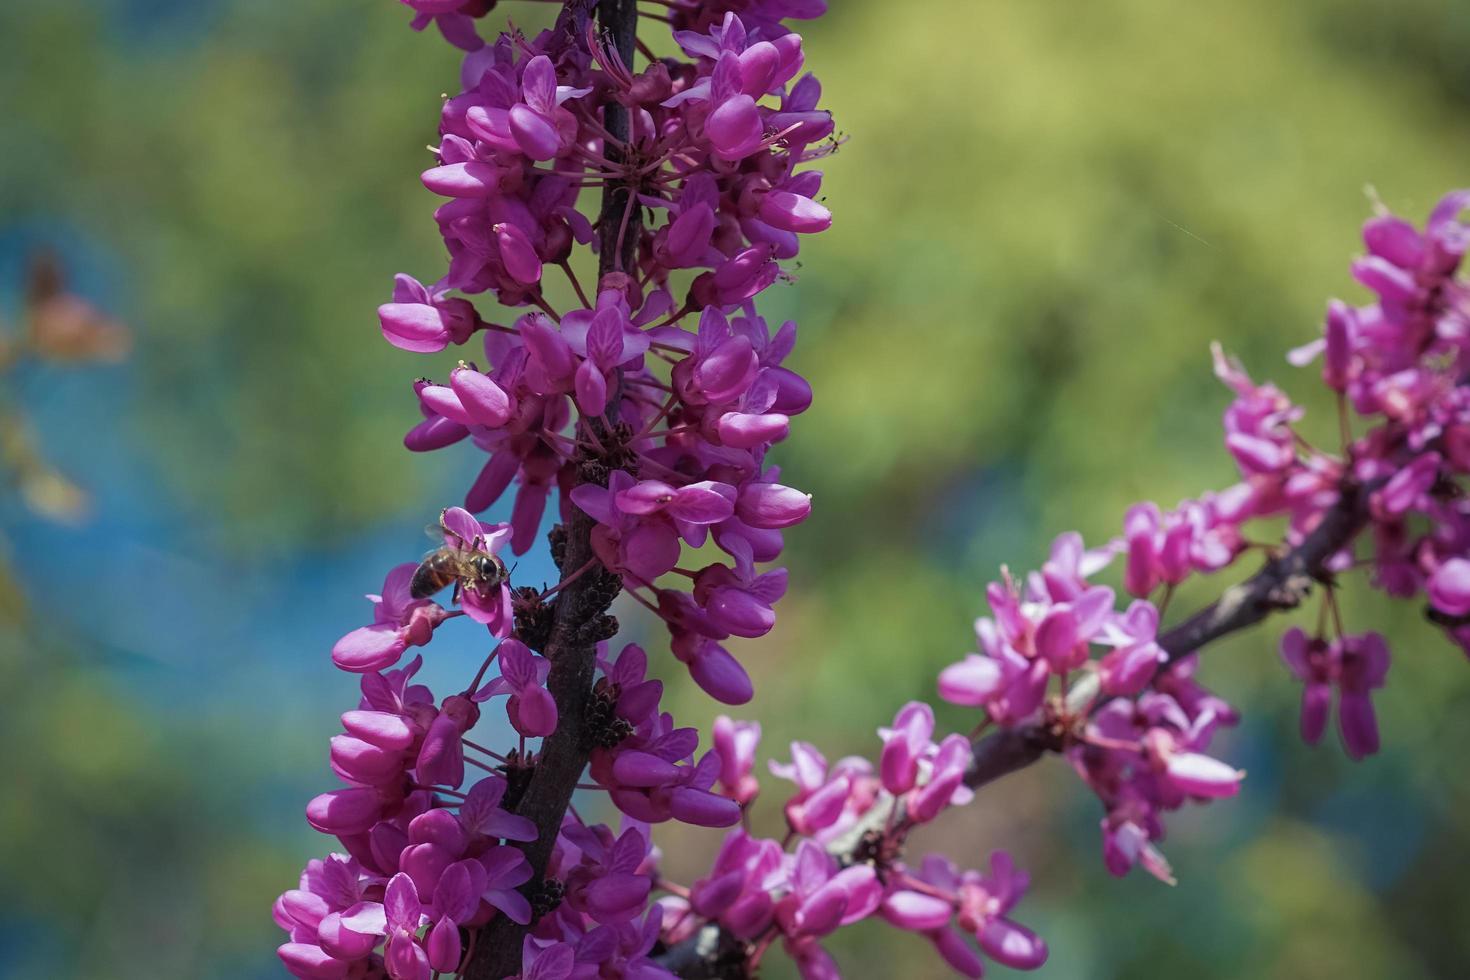 fiori rosa cercis sui rami sottili foto